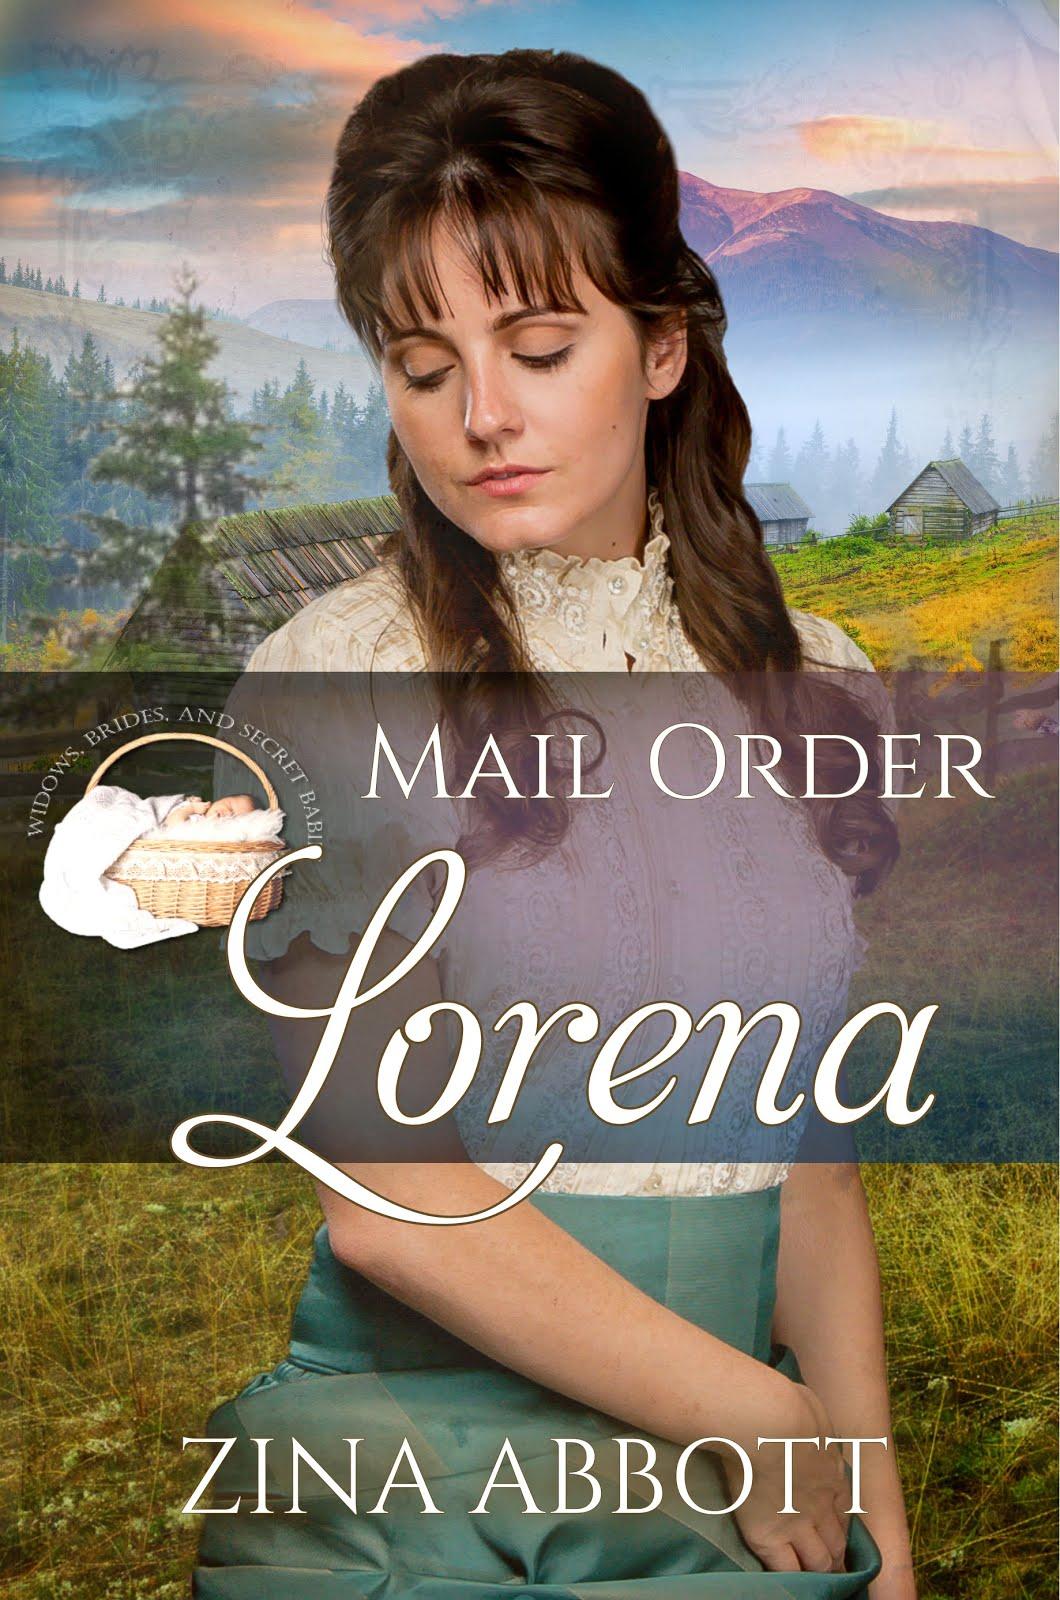 Mail Order Lorena